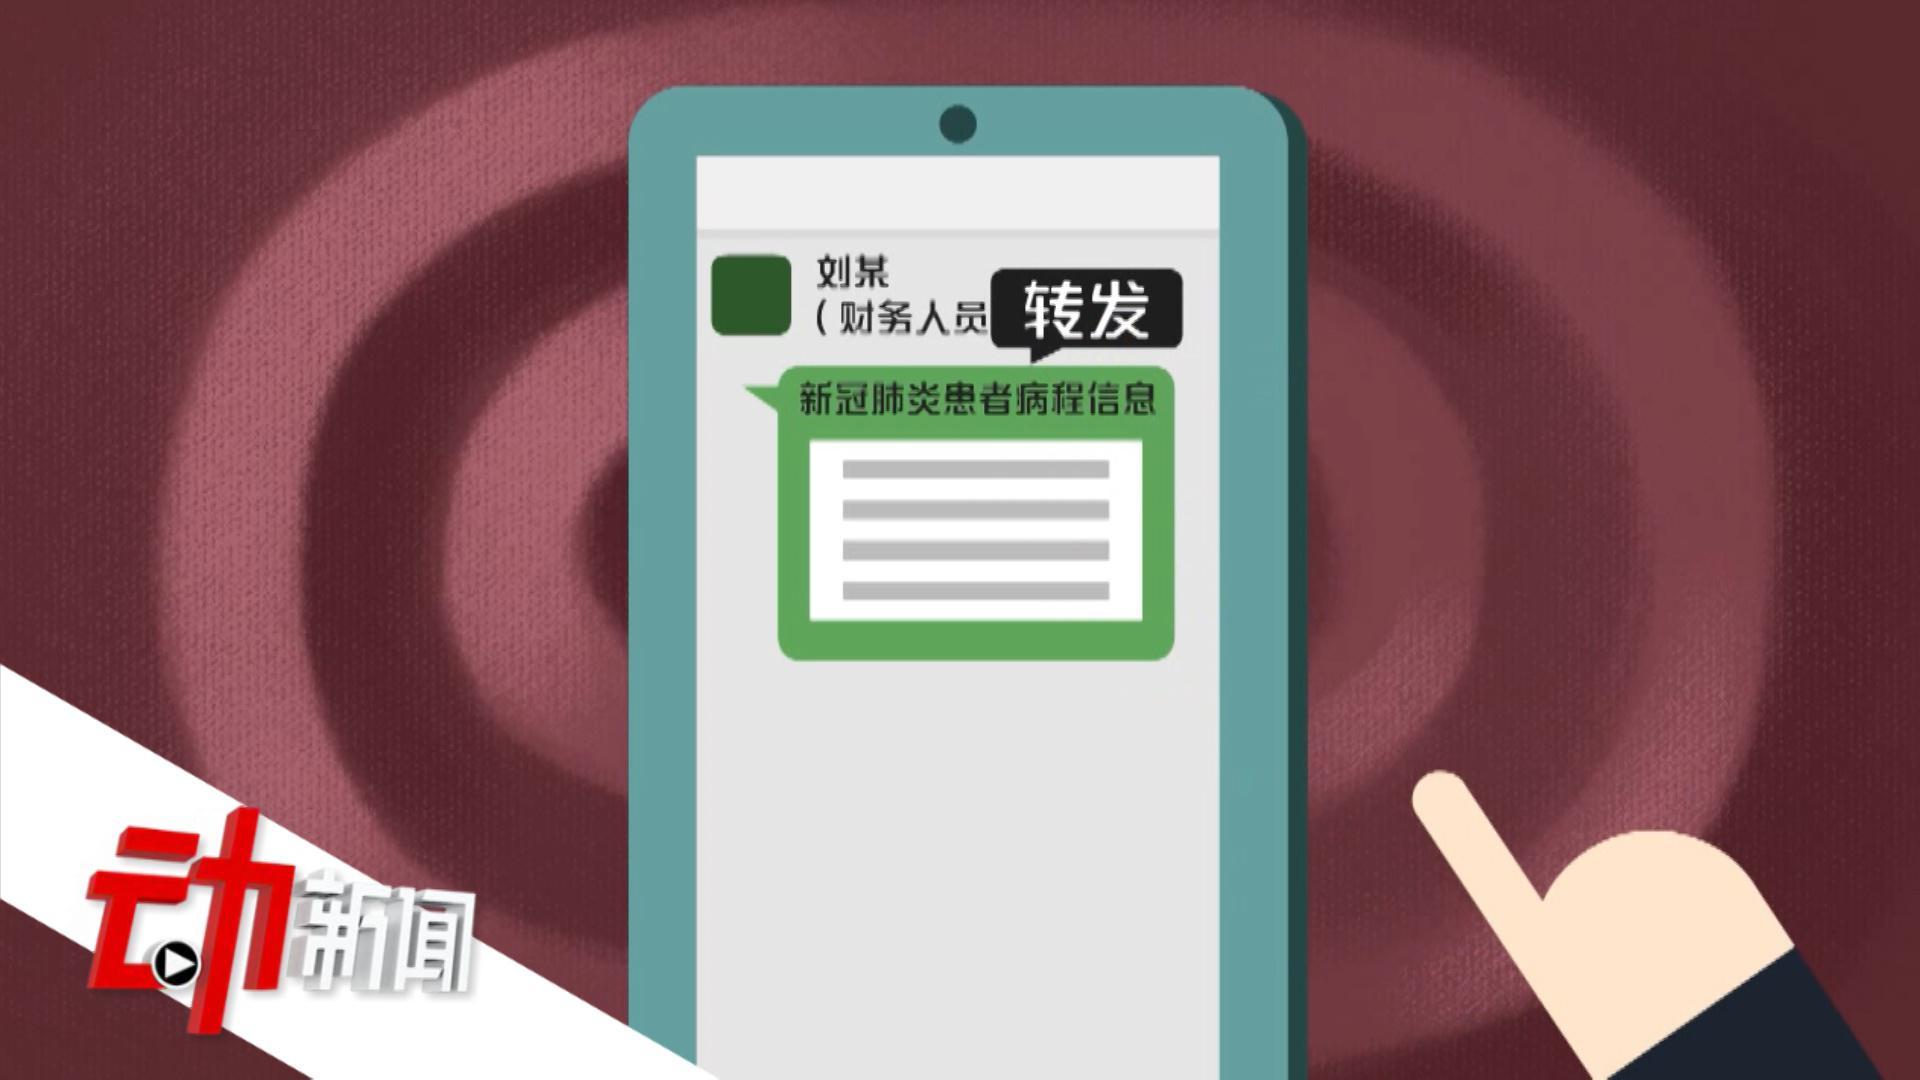 云南5名医务人员泄露肺炎患者信息被罚 官方:4人暂缓拘留